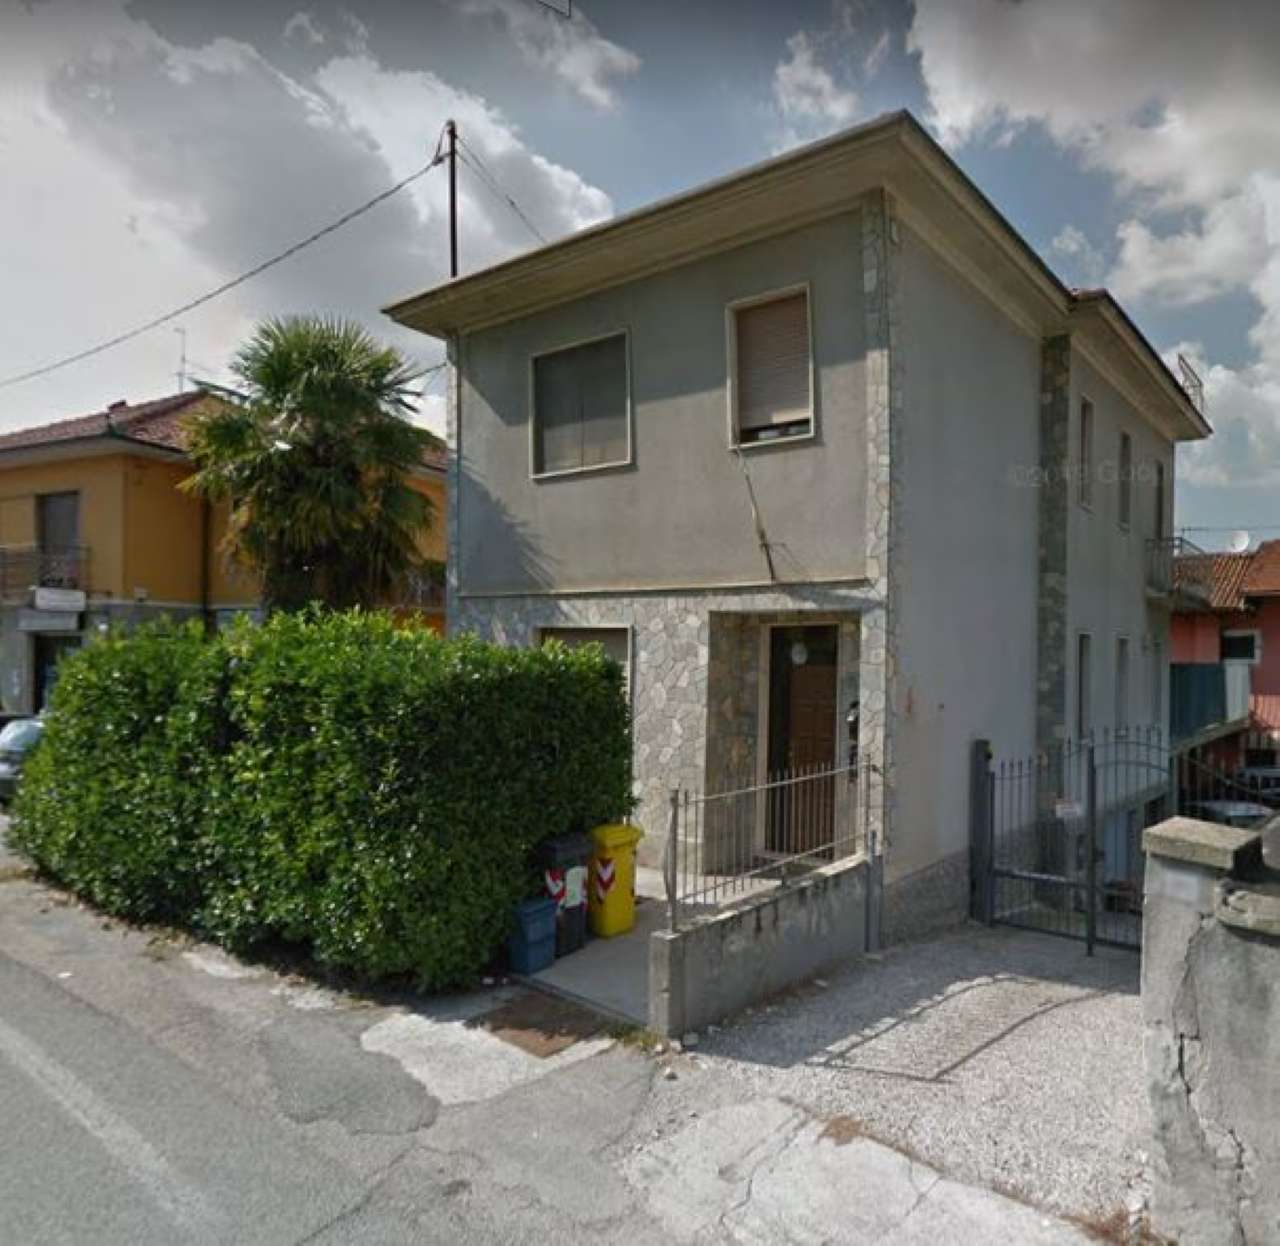 Appartamento in vendita a Castiglione Torinese, 3 locali, prezzo € 58.875 | CambioCasa.it